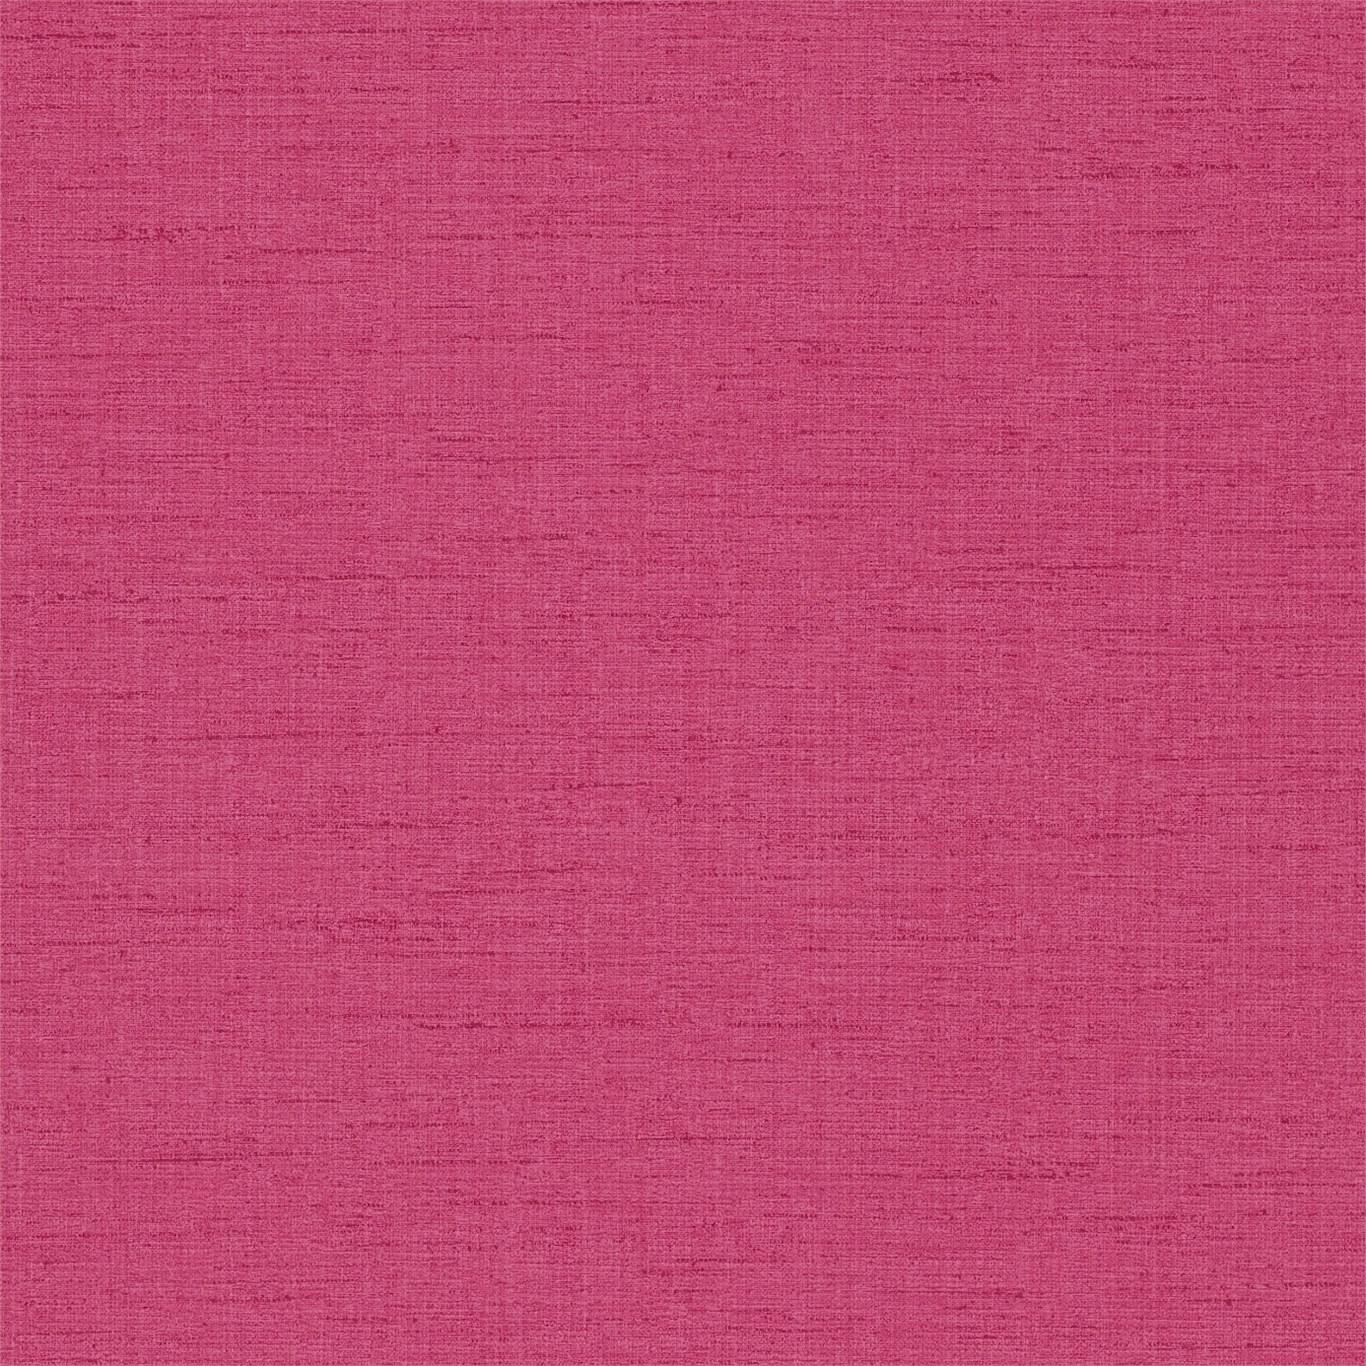 Английские обои Harlequin,  коллекция Amazilia, артикул111044